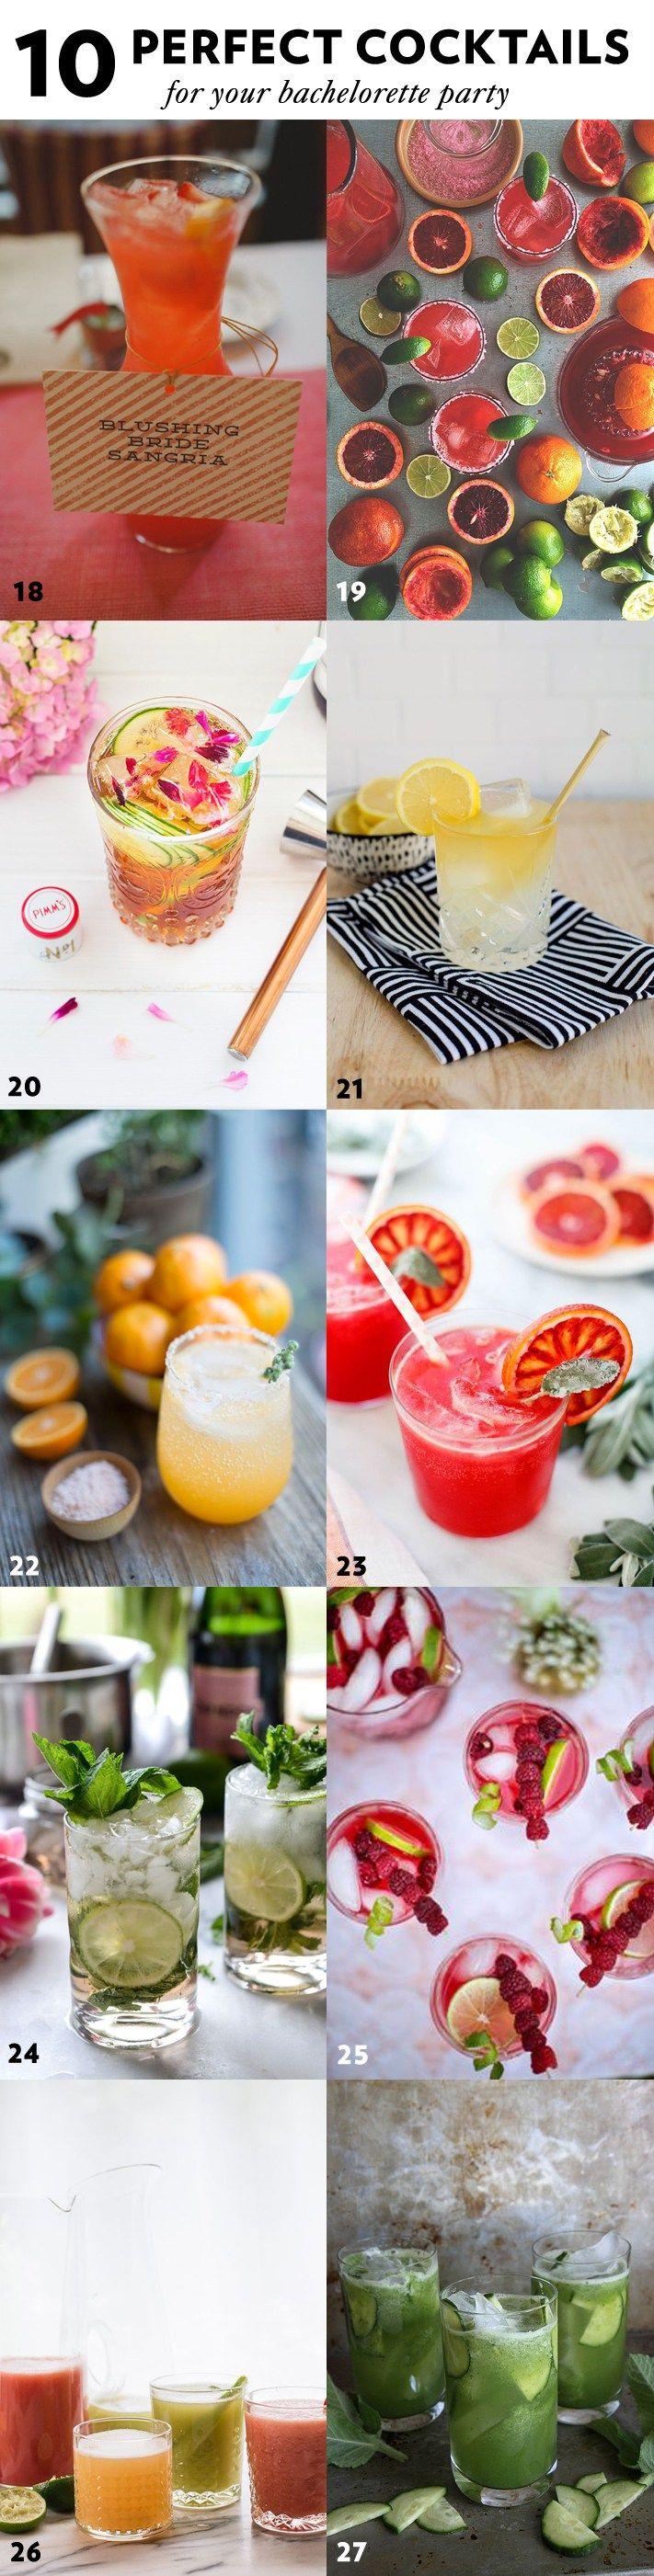 Best 25 Bachelorette Party Food Ideas On Pinterest Jello Shots And Bachlorette